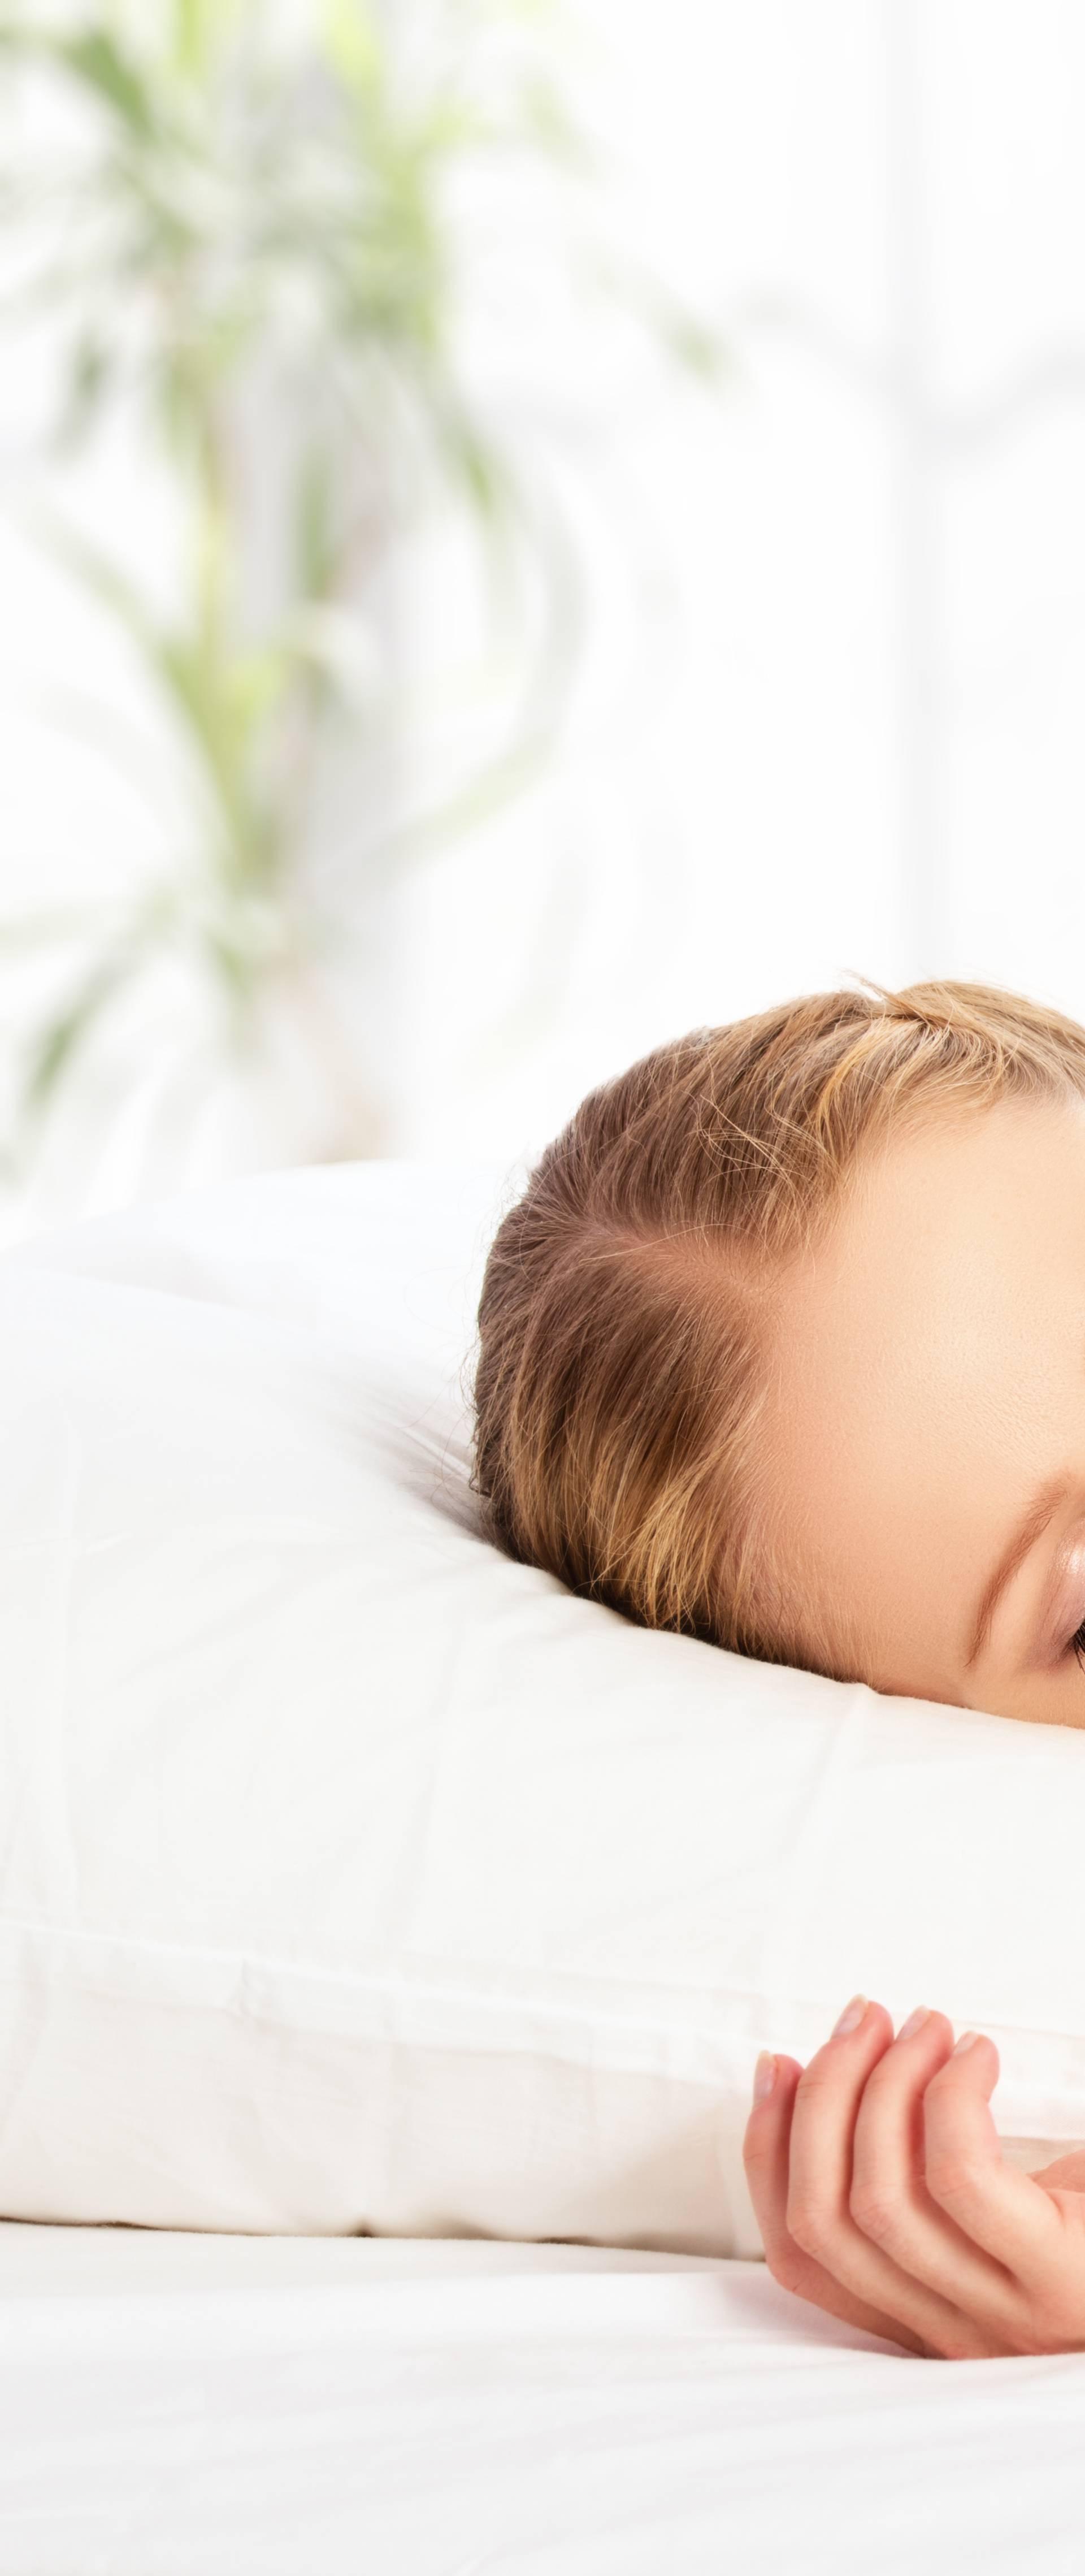 Za mirniji san: 13 'tajni' o snu i spavanju koje je dobro znati